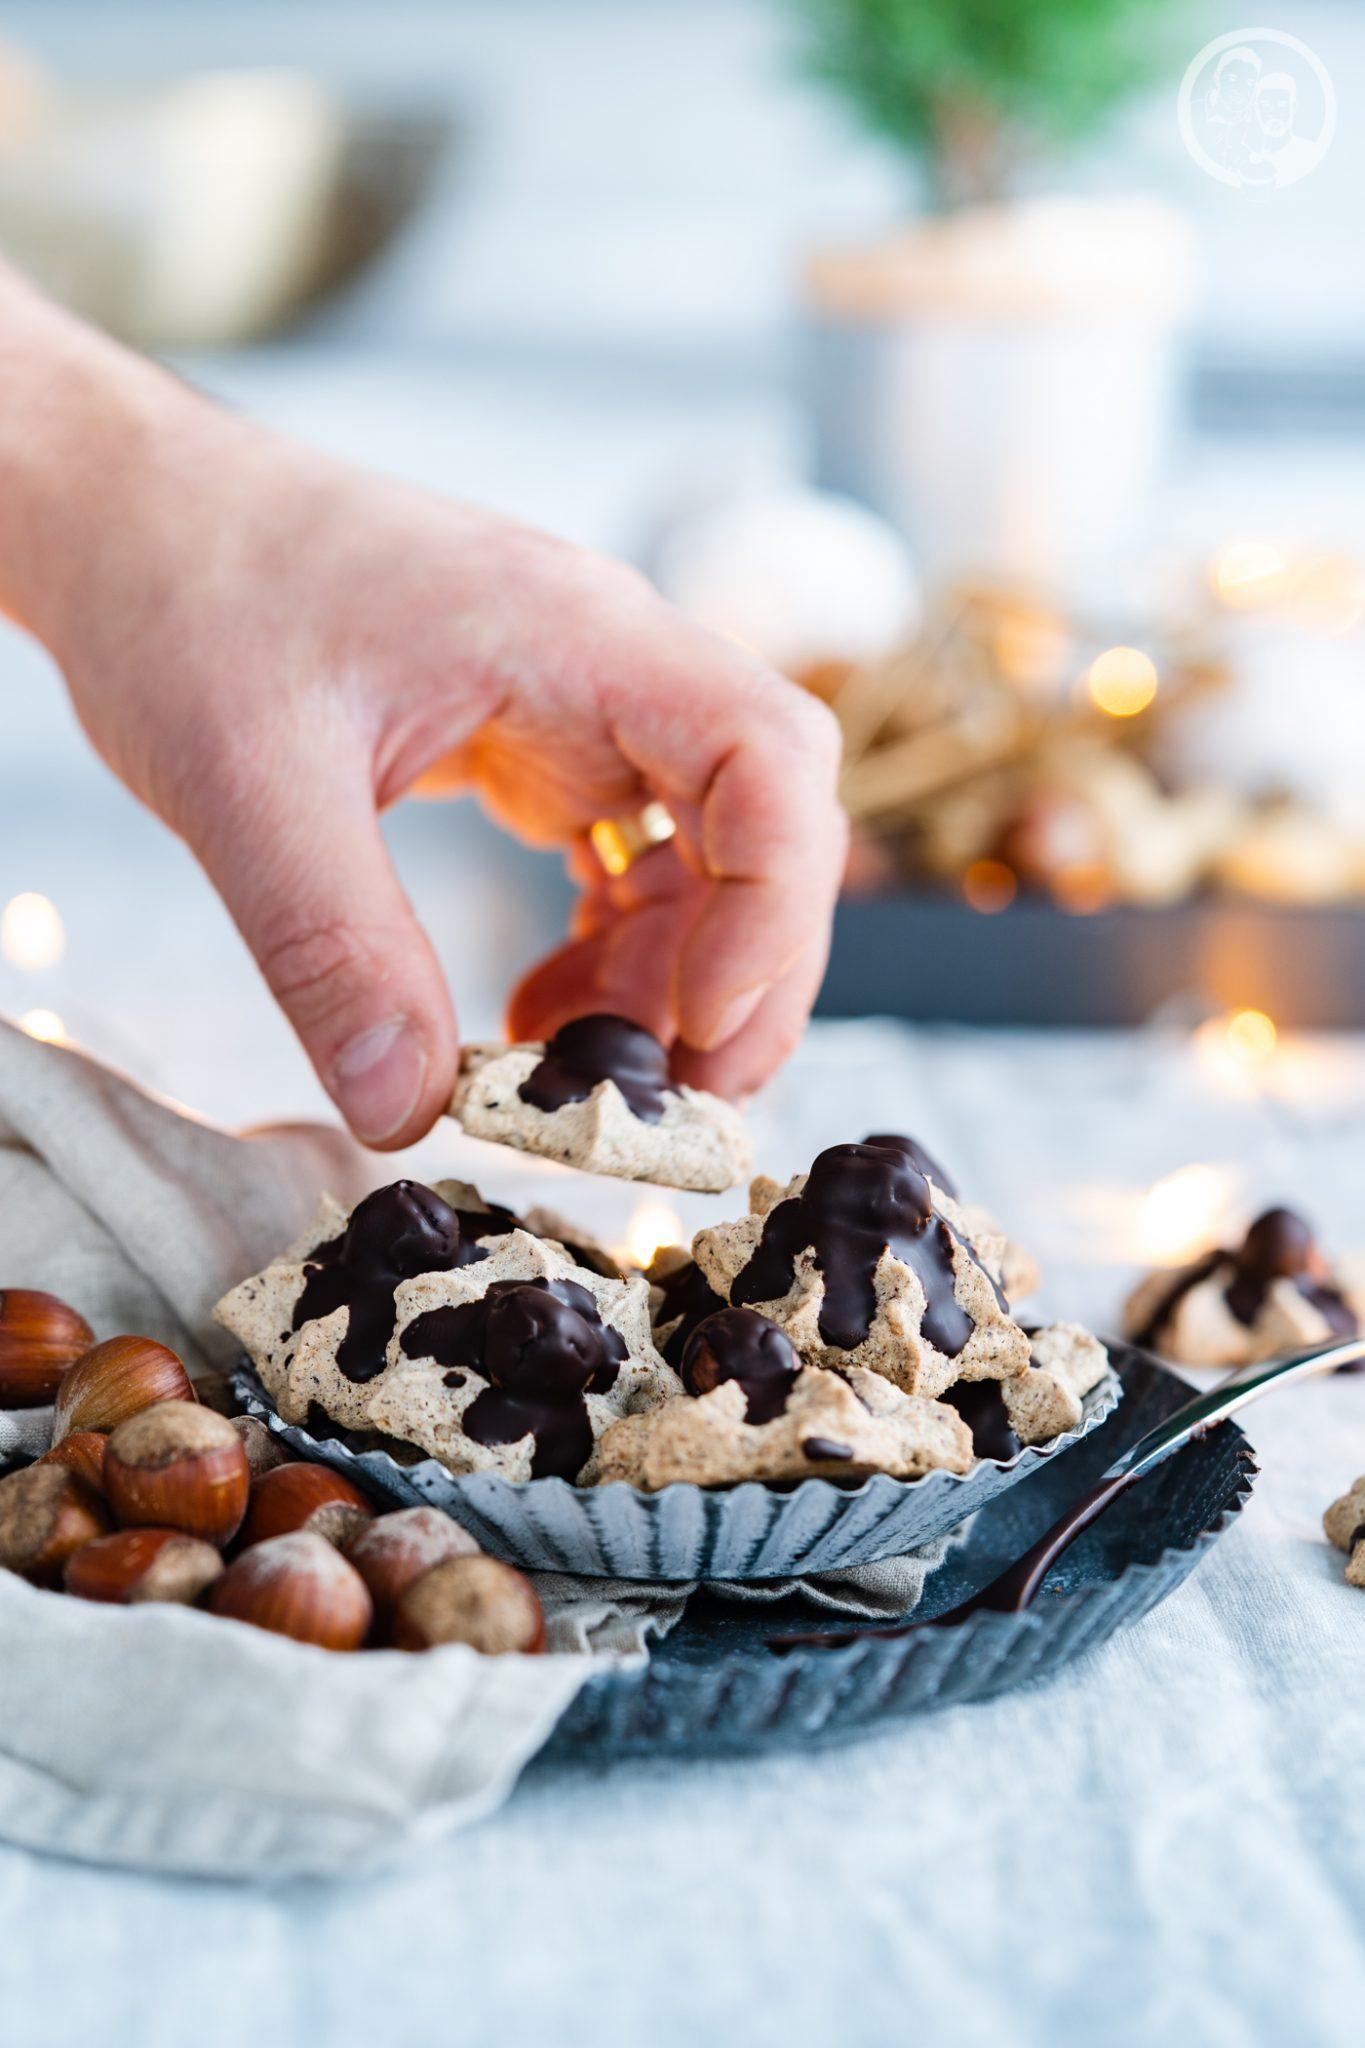 Haselnussmakronen 3 | Wir haben ja schon so einige Weihnachtsplätzchen und andere Gebäcke auf dem Blog, die wir in den letzten Jahren gebacken haben. Einige davon sind Familienrezepte, die wir schon aus der Kindheit kannten. Daher zeigen wir euch heute unser Familienrezept für Haselnussmakrönchen.